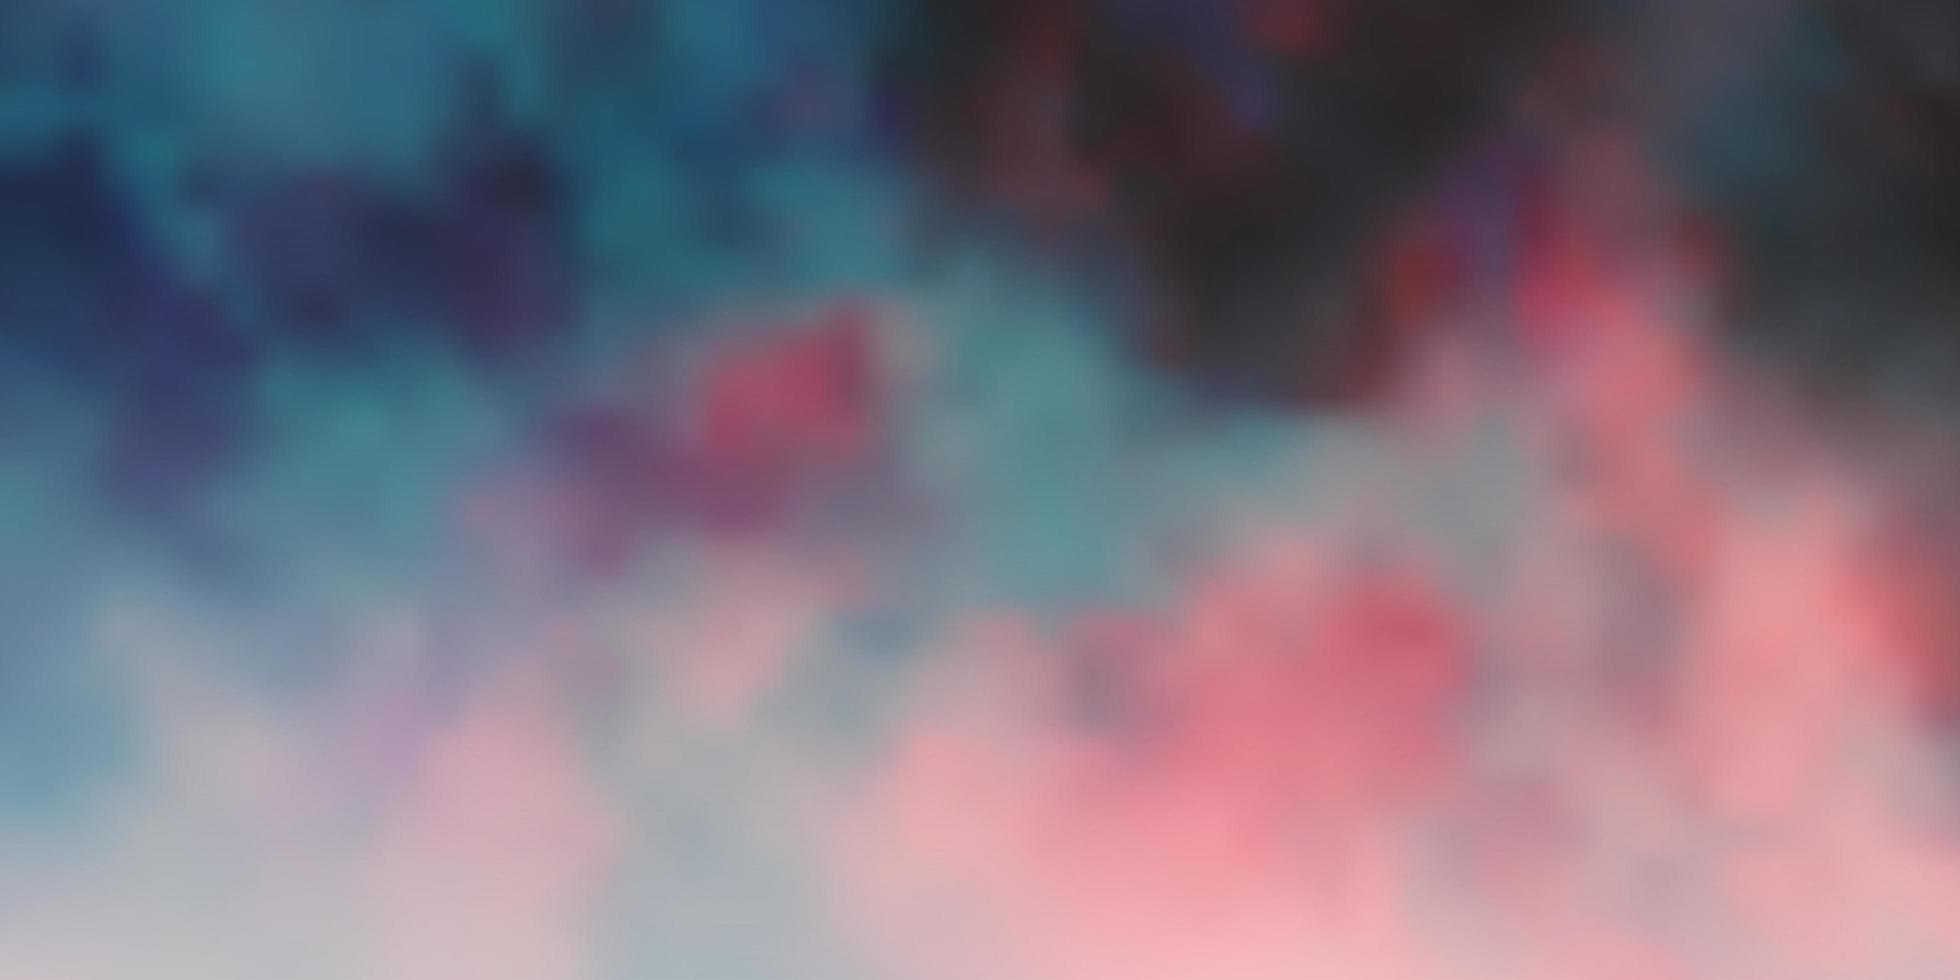 mörkrött mönster med moln. vektor